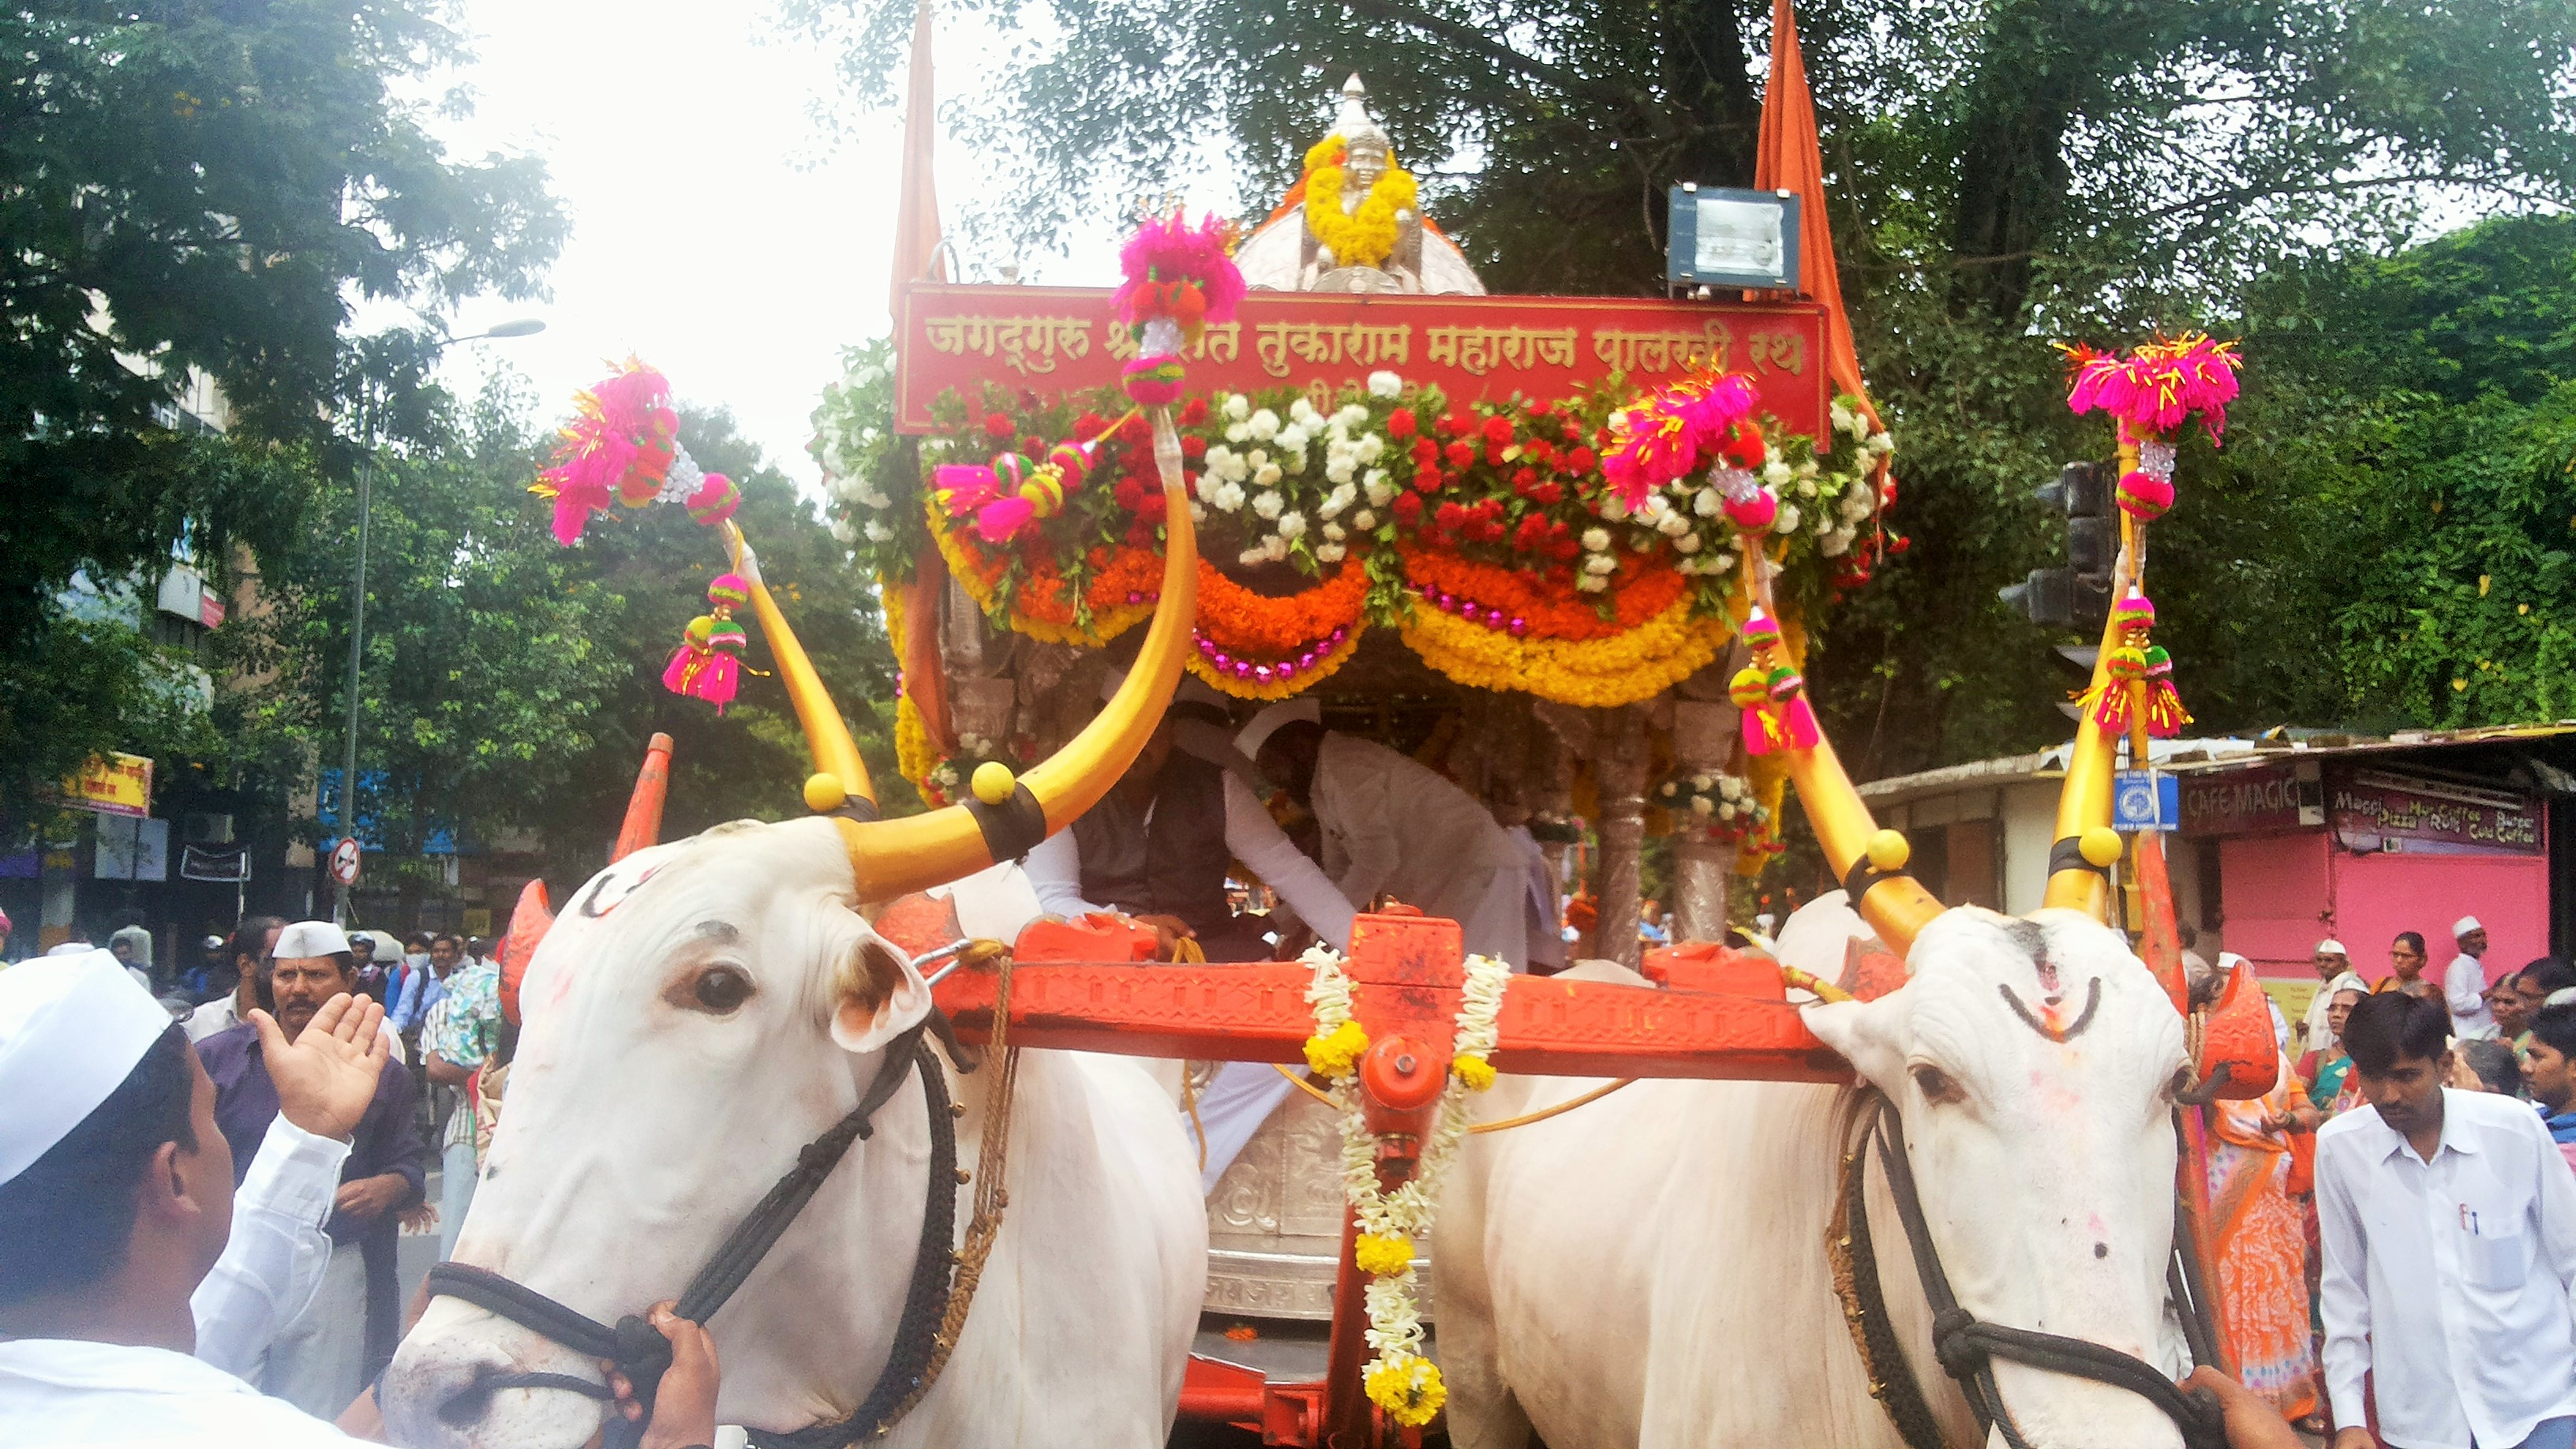 Warkari Shri Sant Tukaram Maharaj Palki Wallpapers for free download